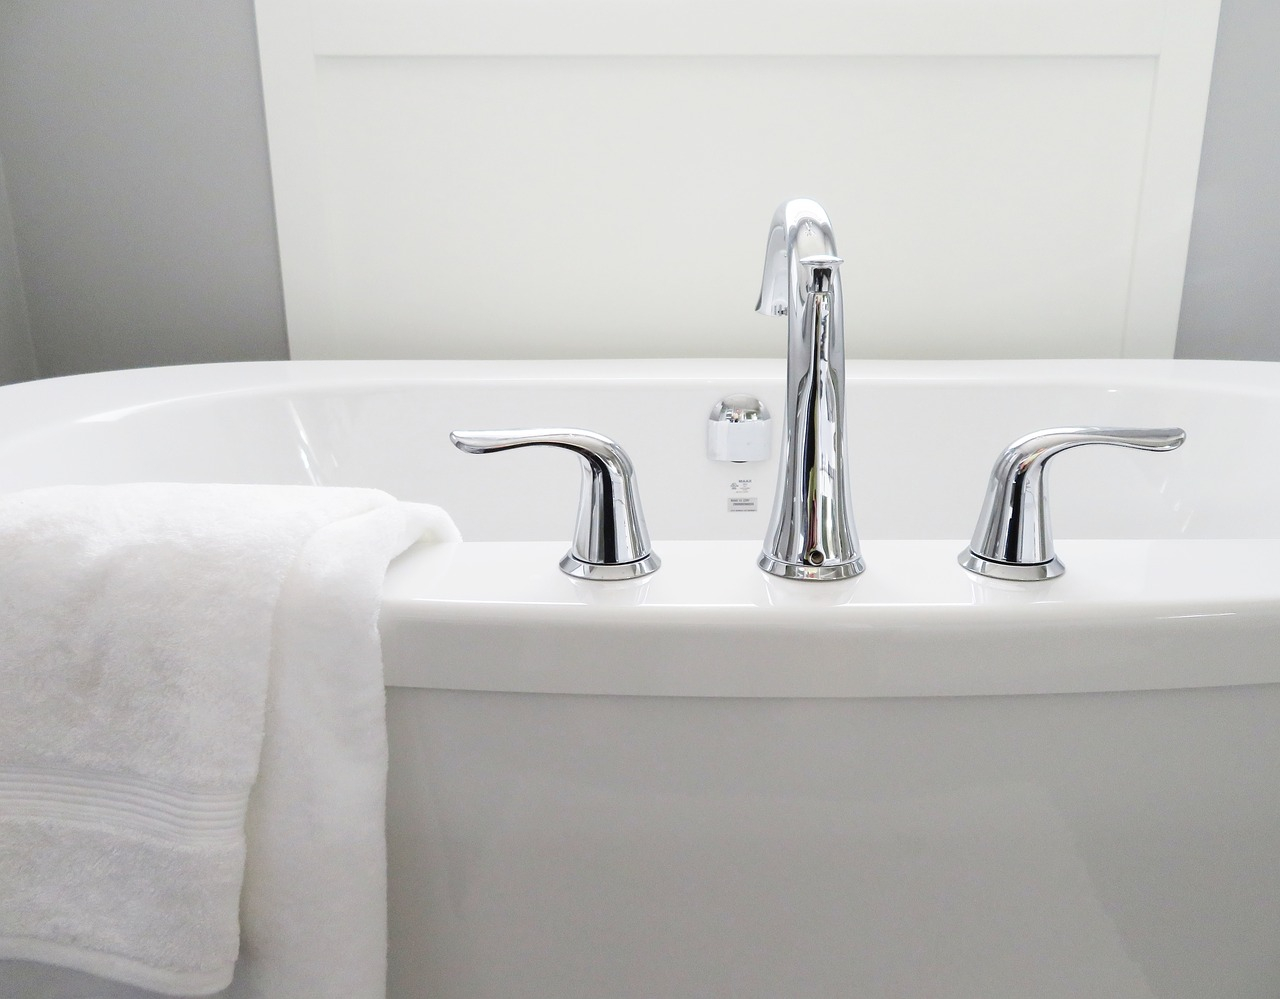 Vasca Da Bagno Economica : Vasche da bagno per anziani e disabili scegliere il modello giusto